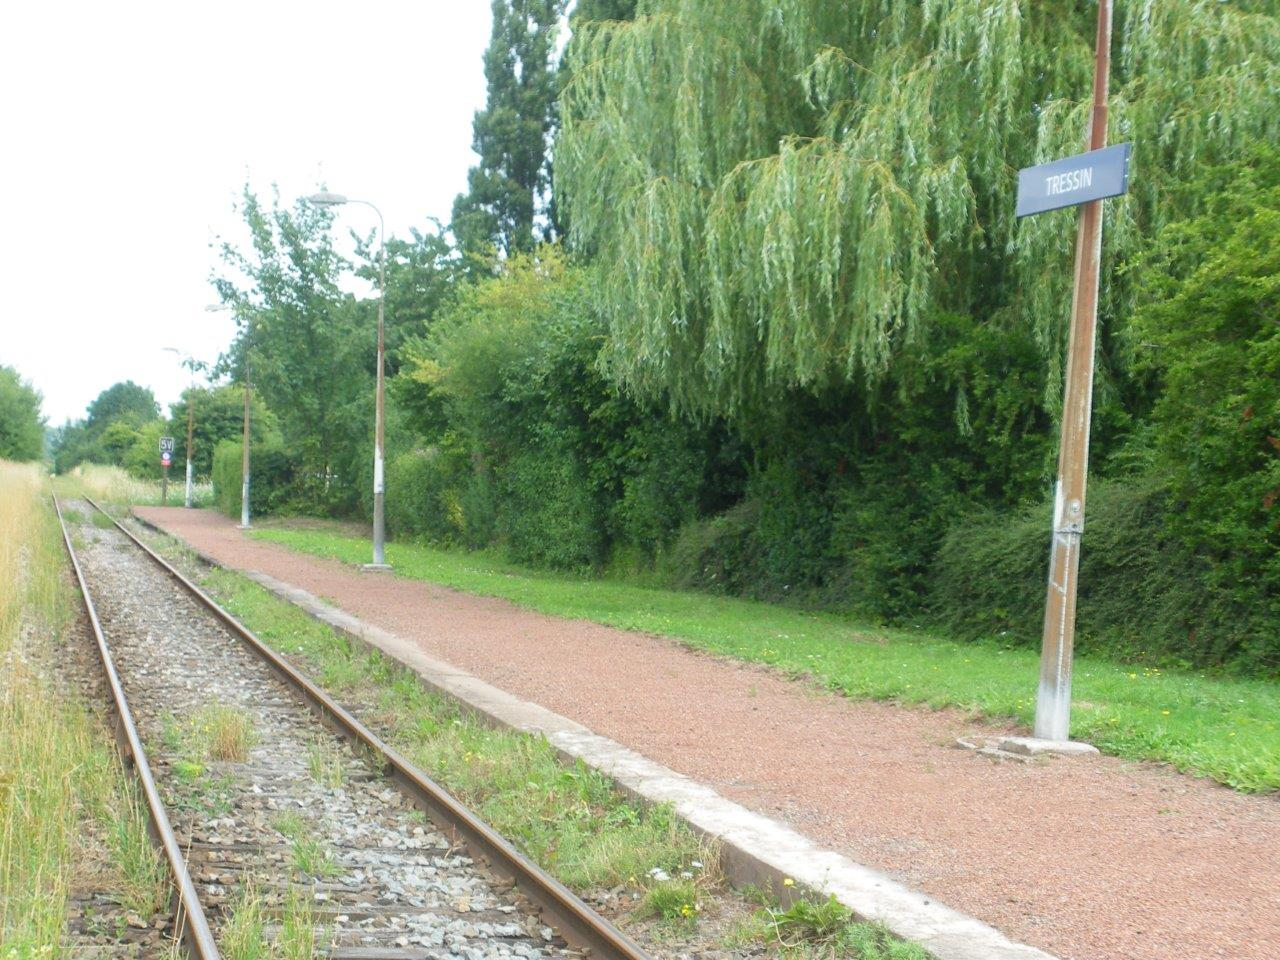 gare-de-tressin-train-station